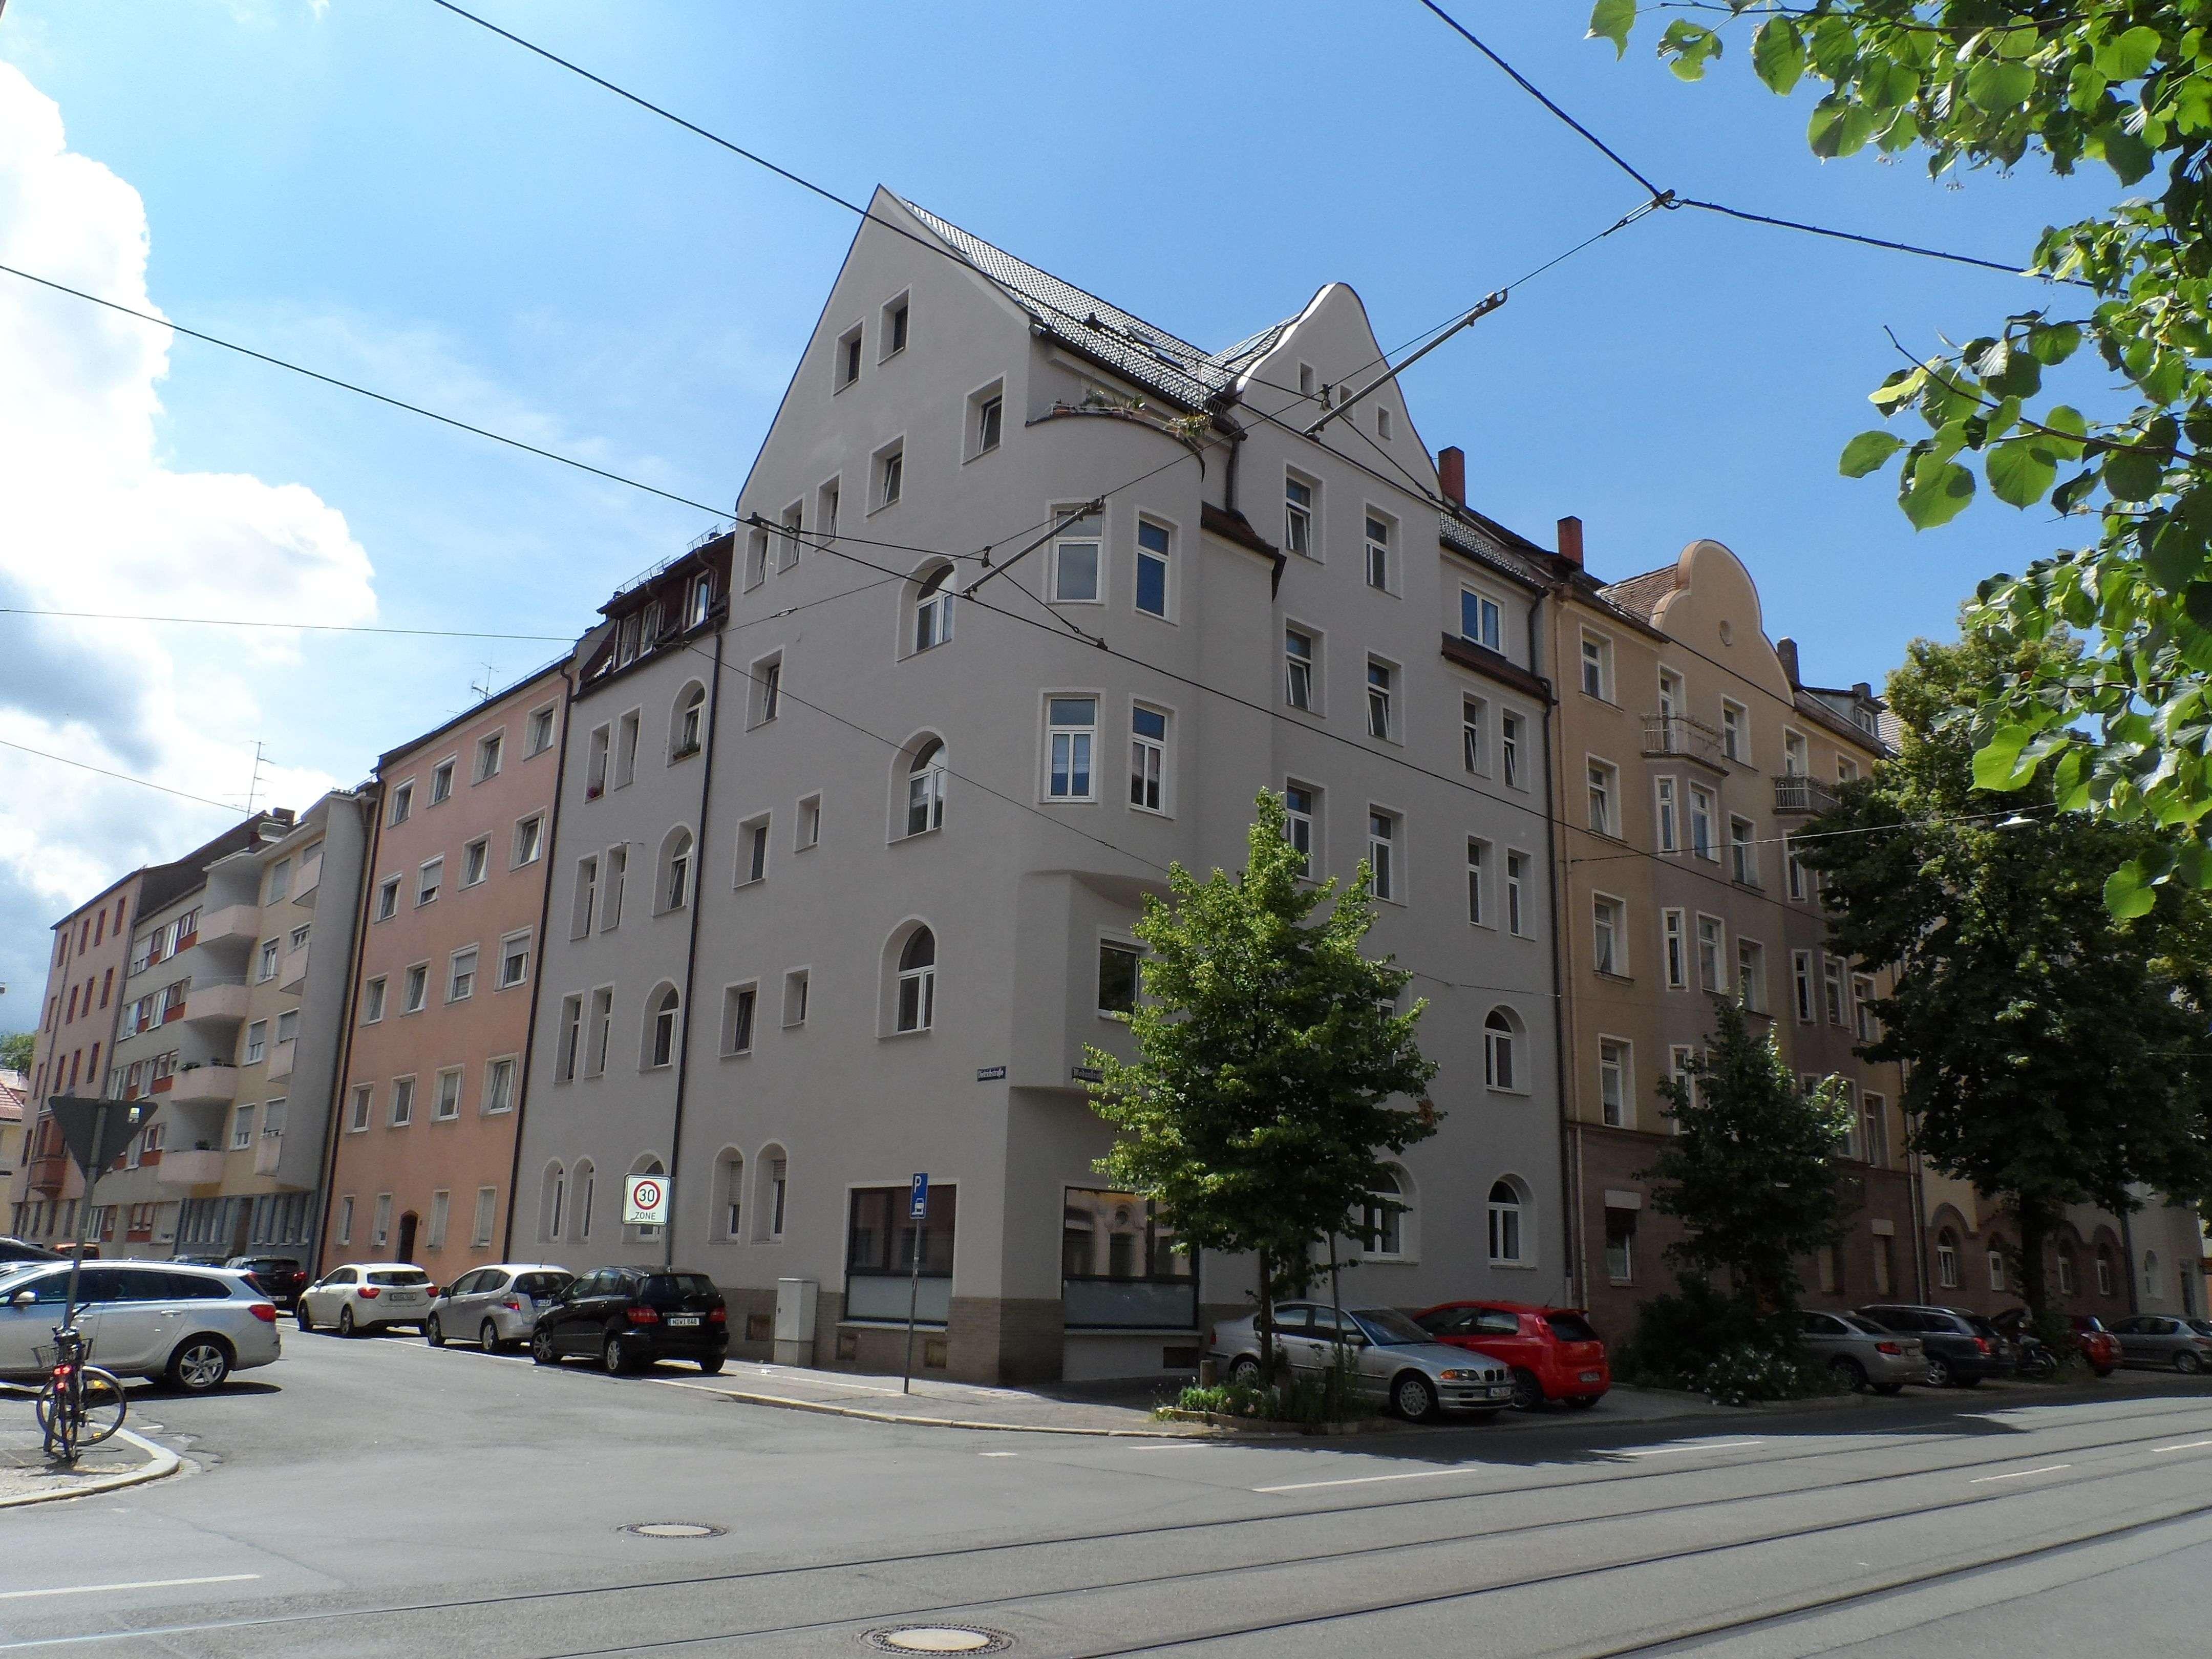 Nürnberg Nibelungenviertel: frisch sanierte 4-Zimmerwohnung, 2 Balkone, auch WG geeignet